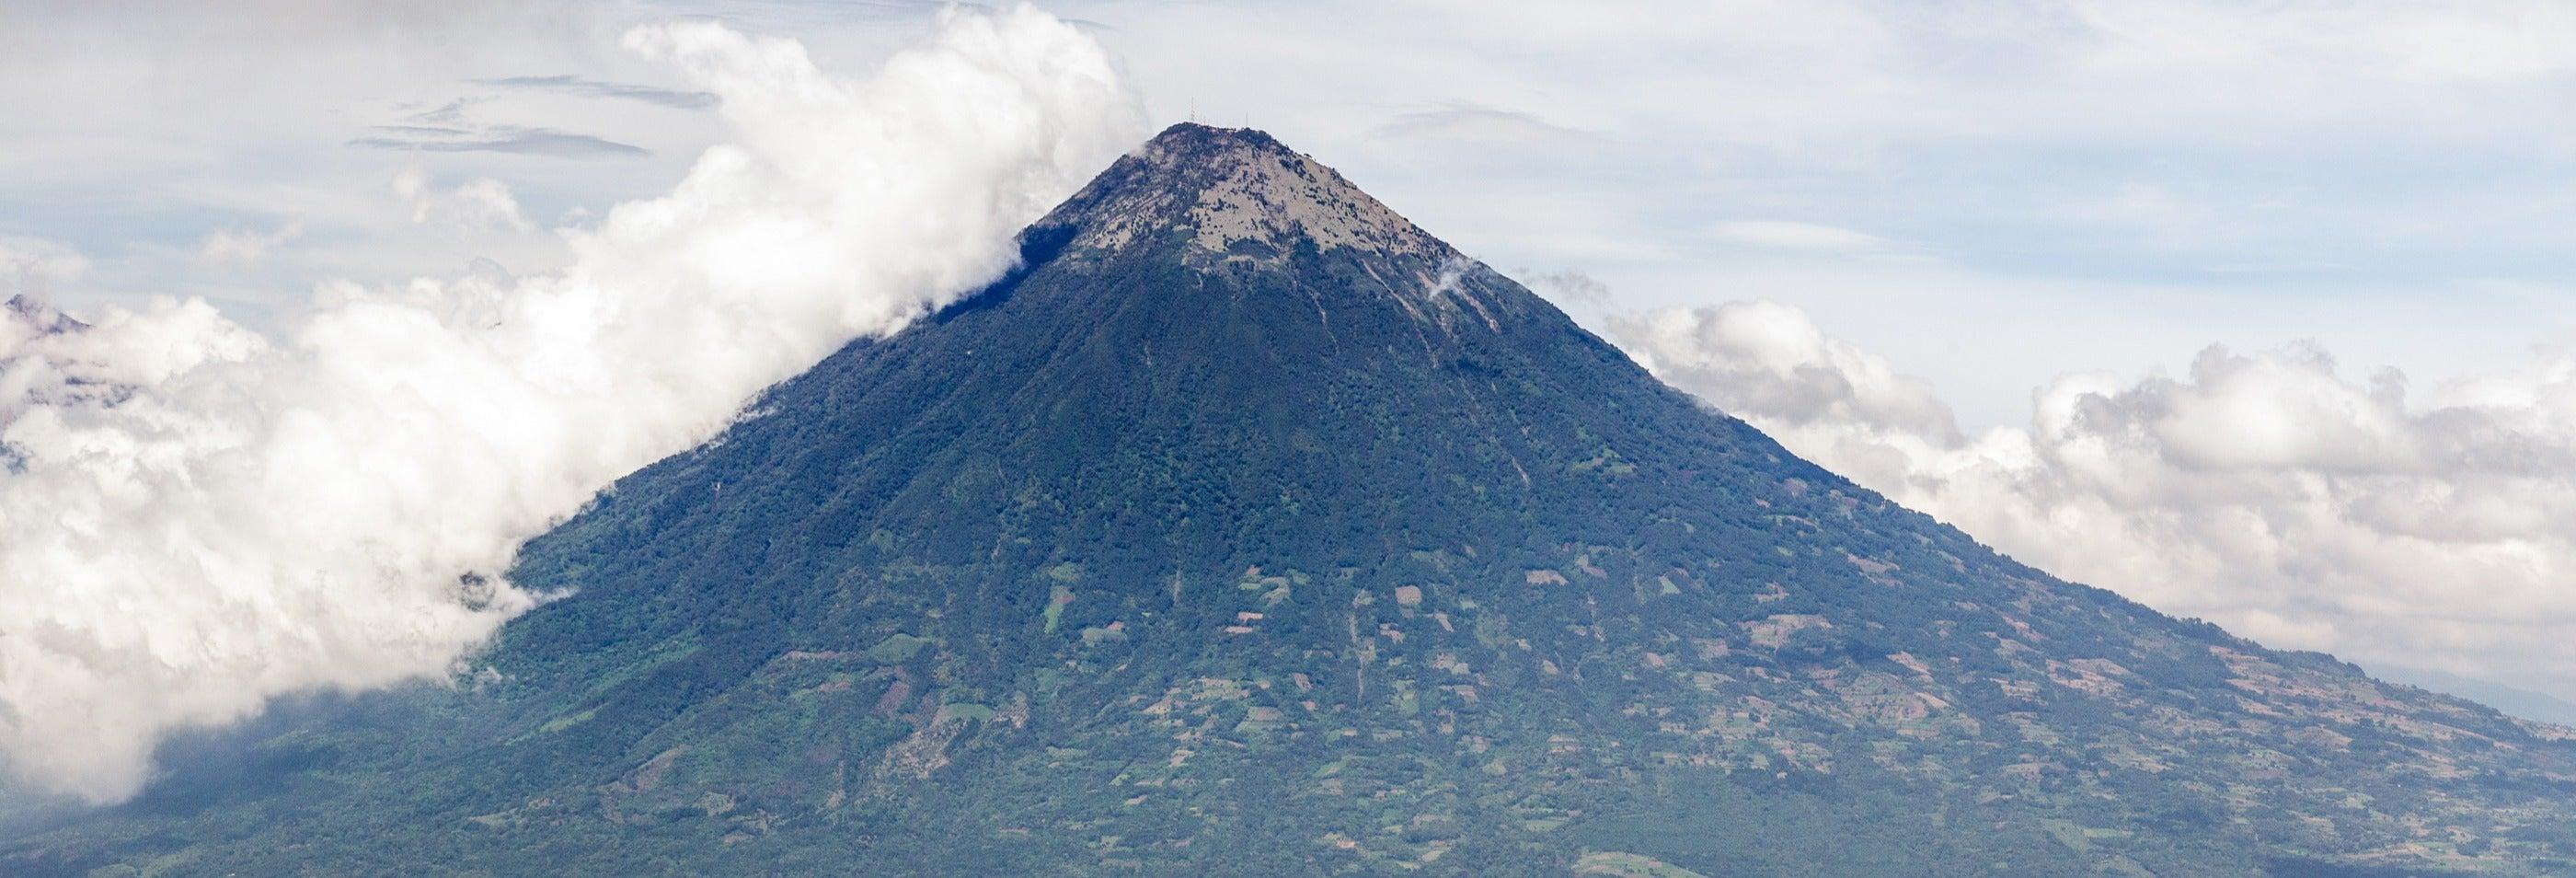 Excursão ao Vulcão Pacaya